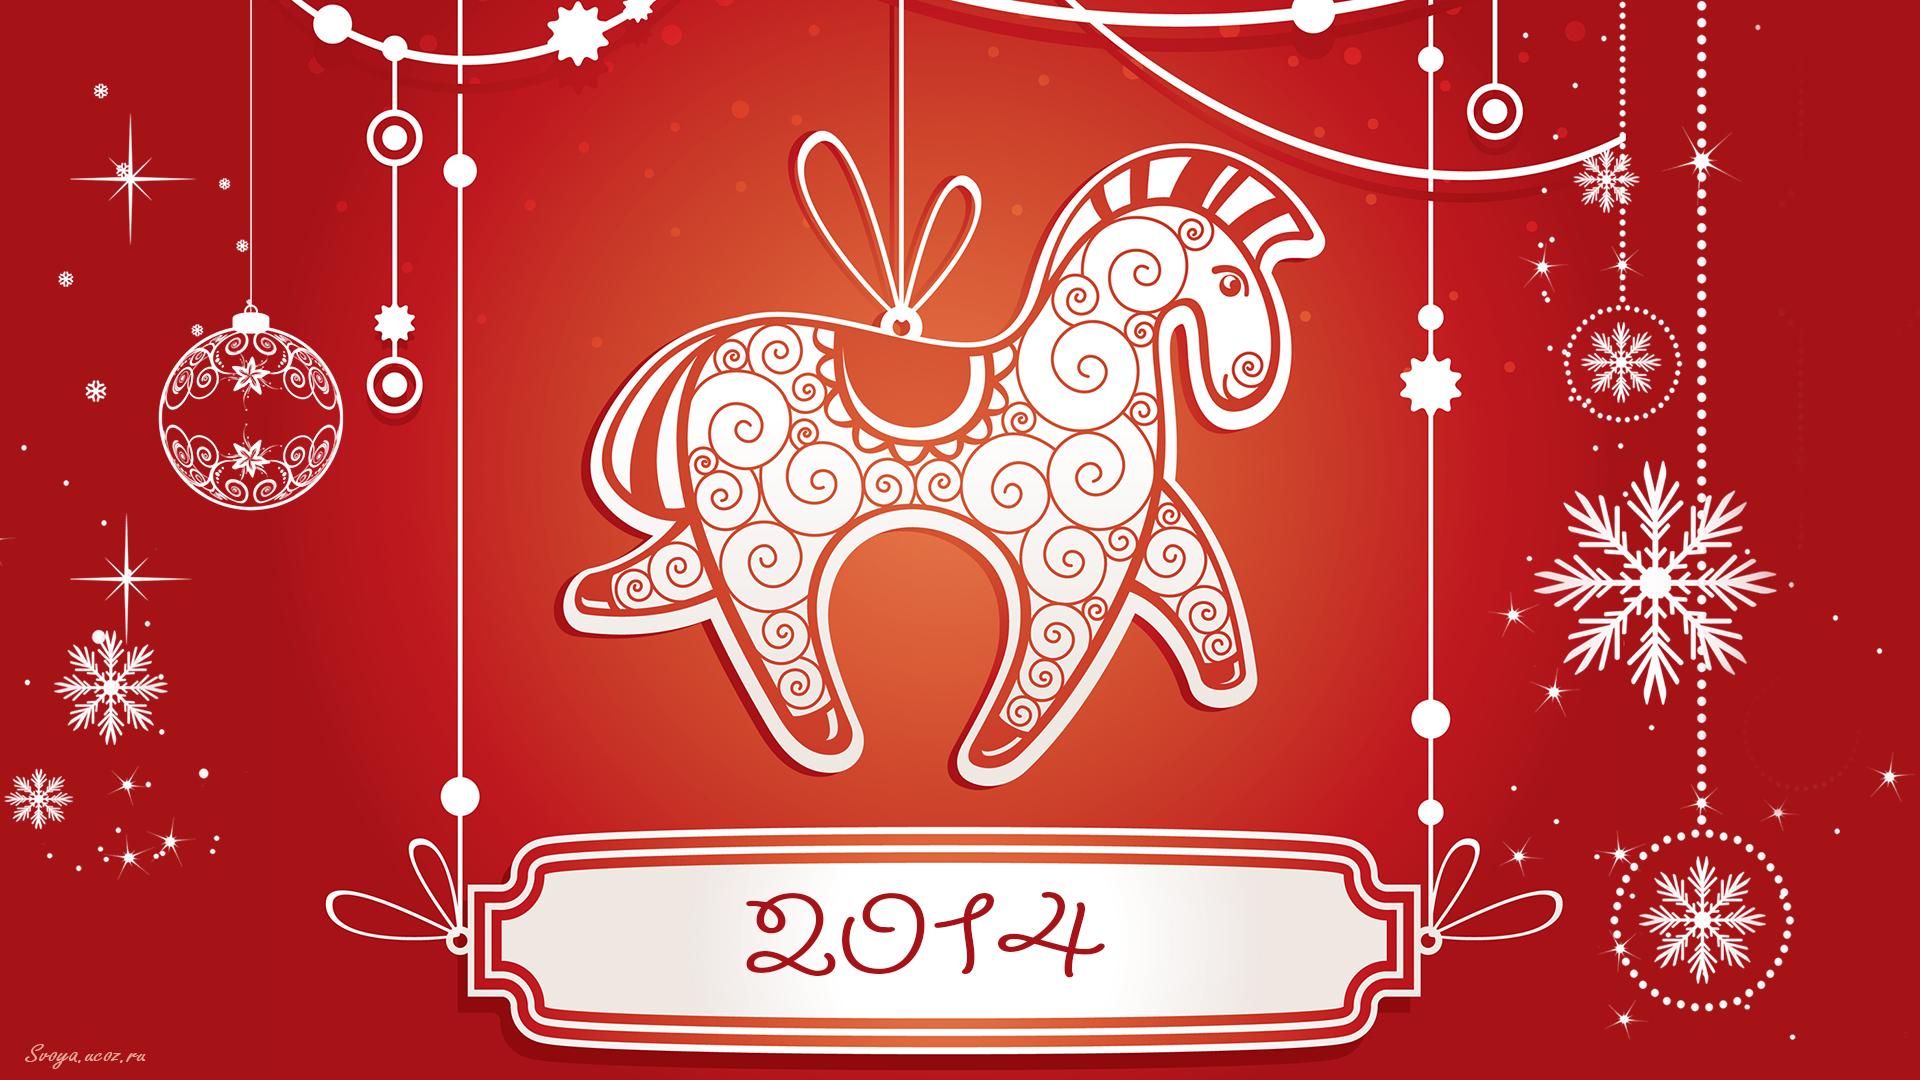 Обои Новый Год 2014 - Год лошади